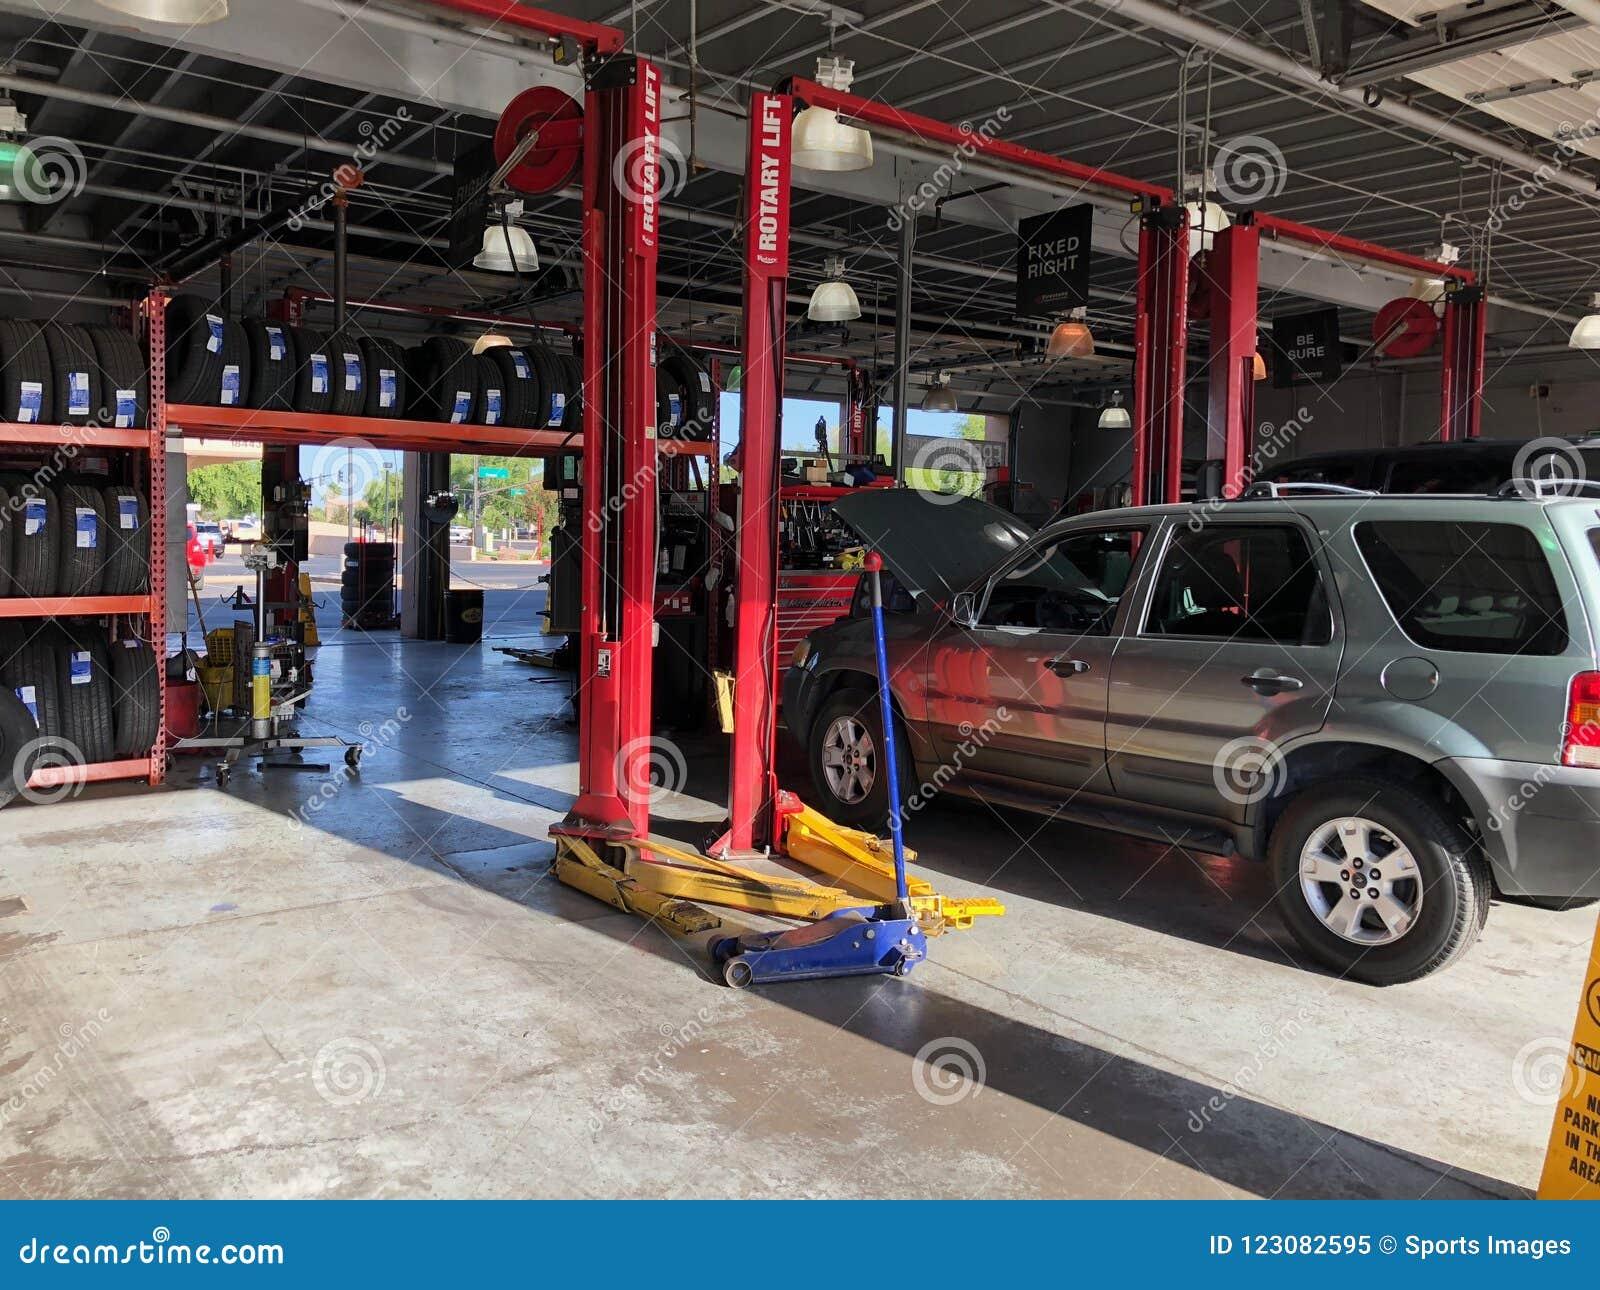 Auto Repair Shop editorial image  Image of repaired - 123082595